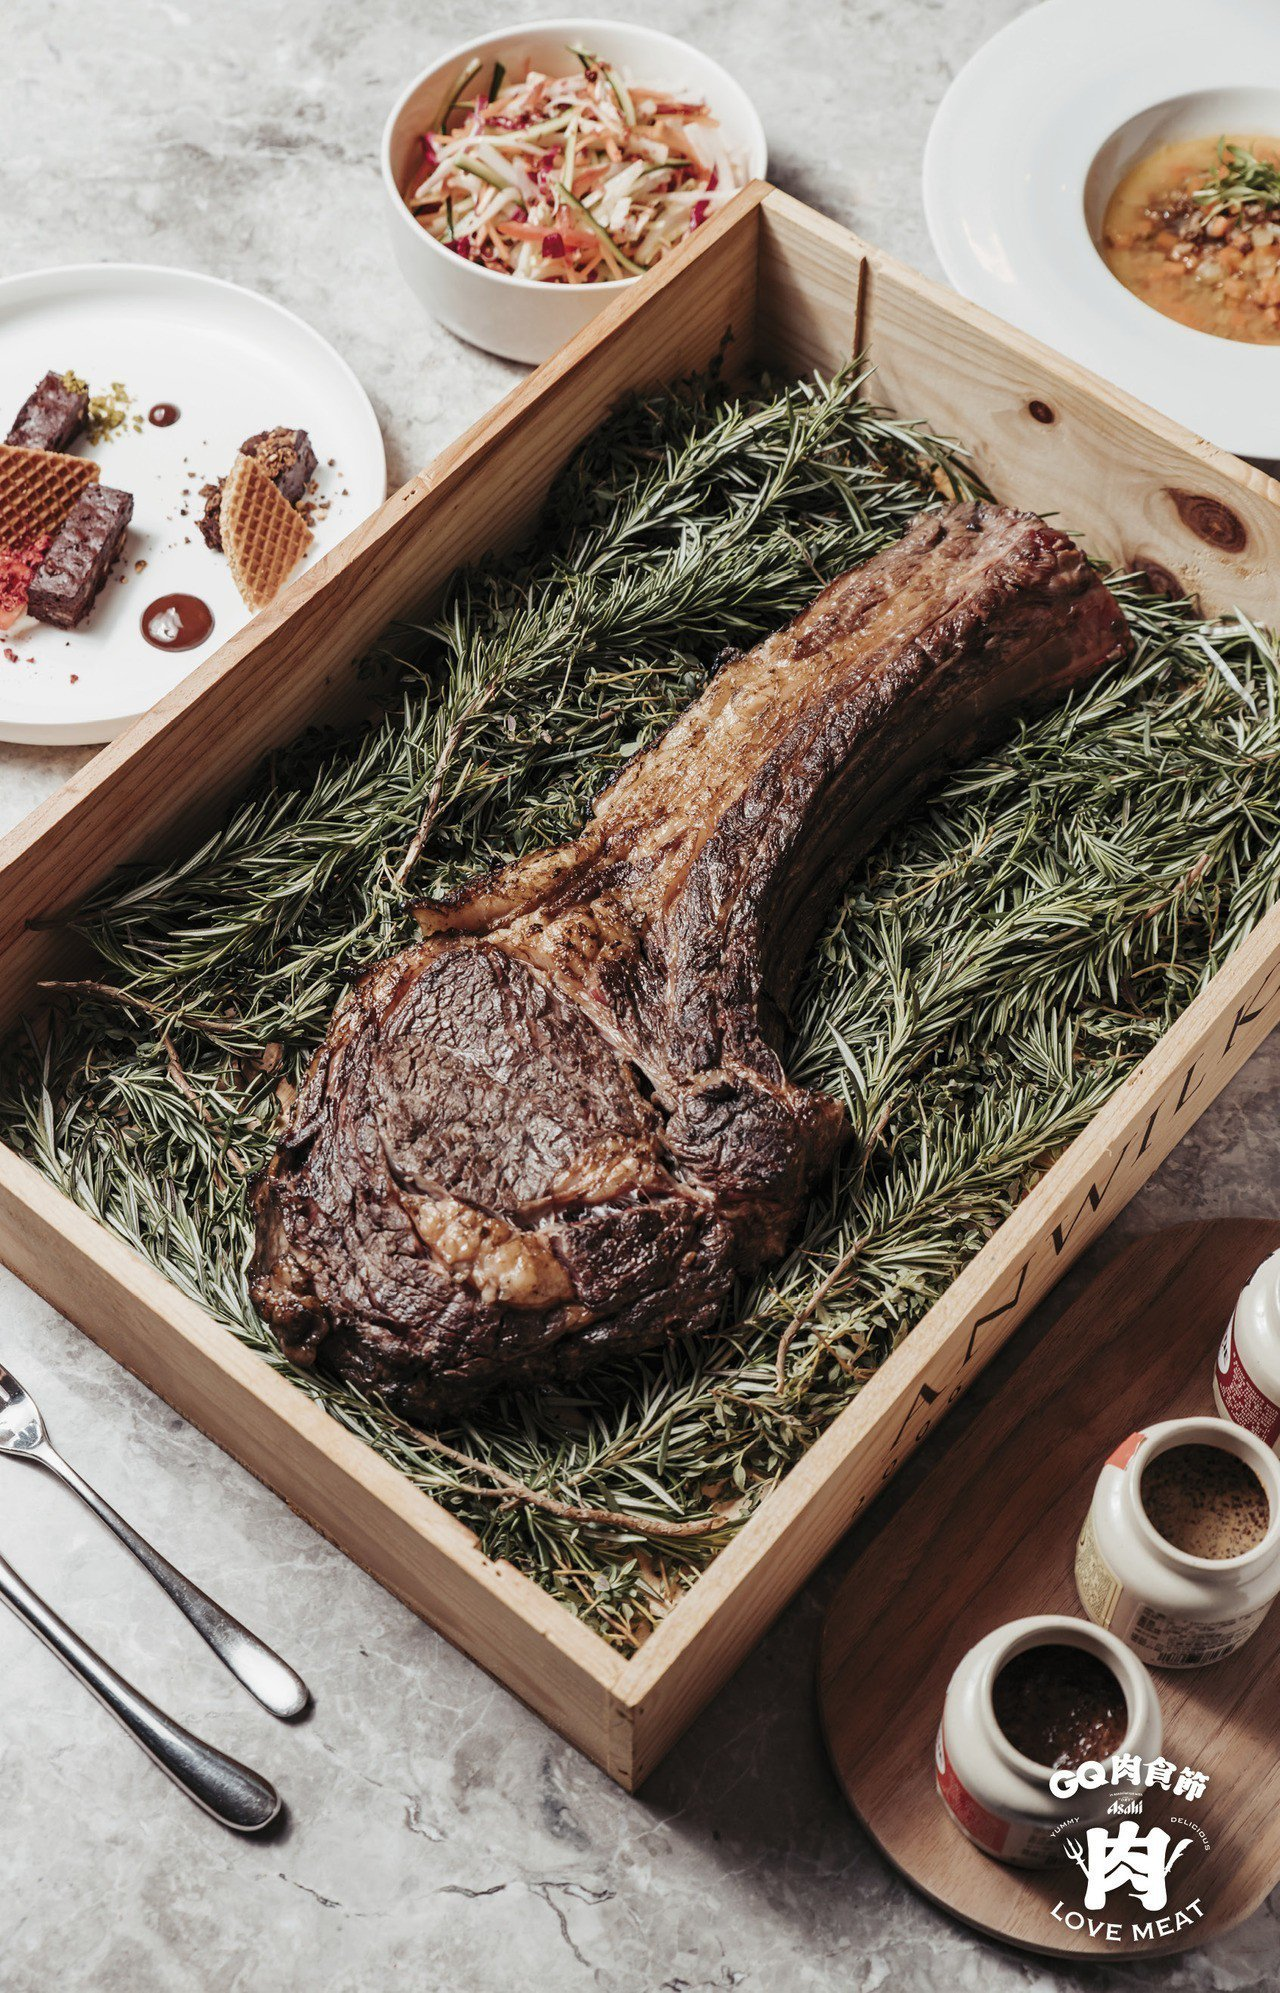 晶華酒店 TasteLab 炙烤美國戰斧和牛牛排。圖/GQ提供